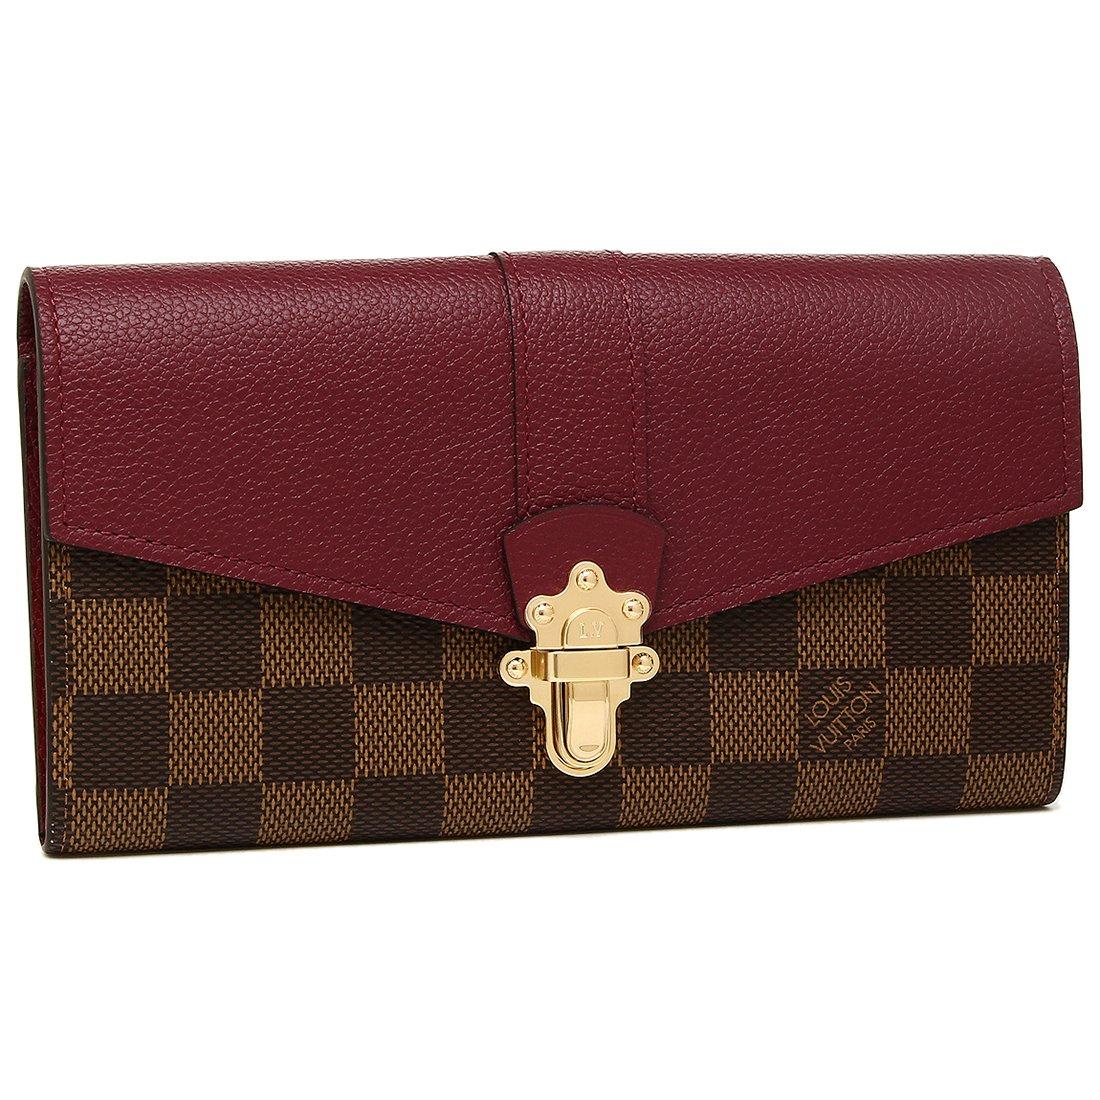 [ルイヴィトン] 長財布 レディース LOUIS VUITTON N64448 パープル ブラウン [並行輸入品] B07C6YNBJ9